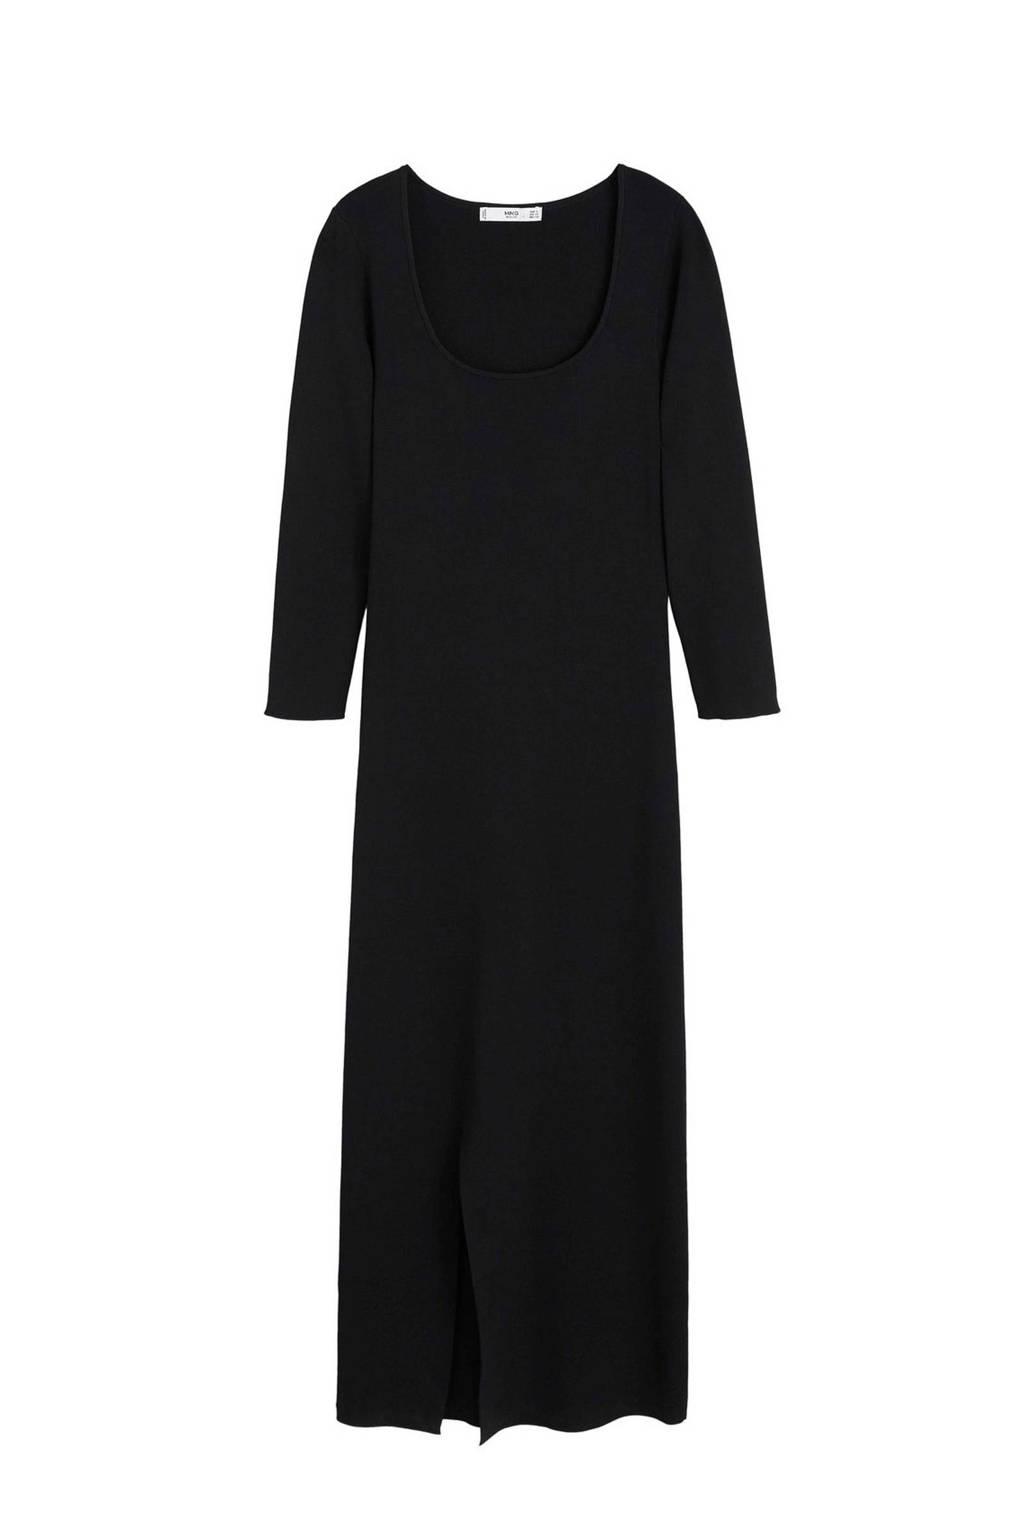 Mango jurk zwart, Zwart